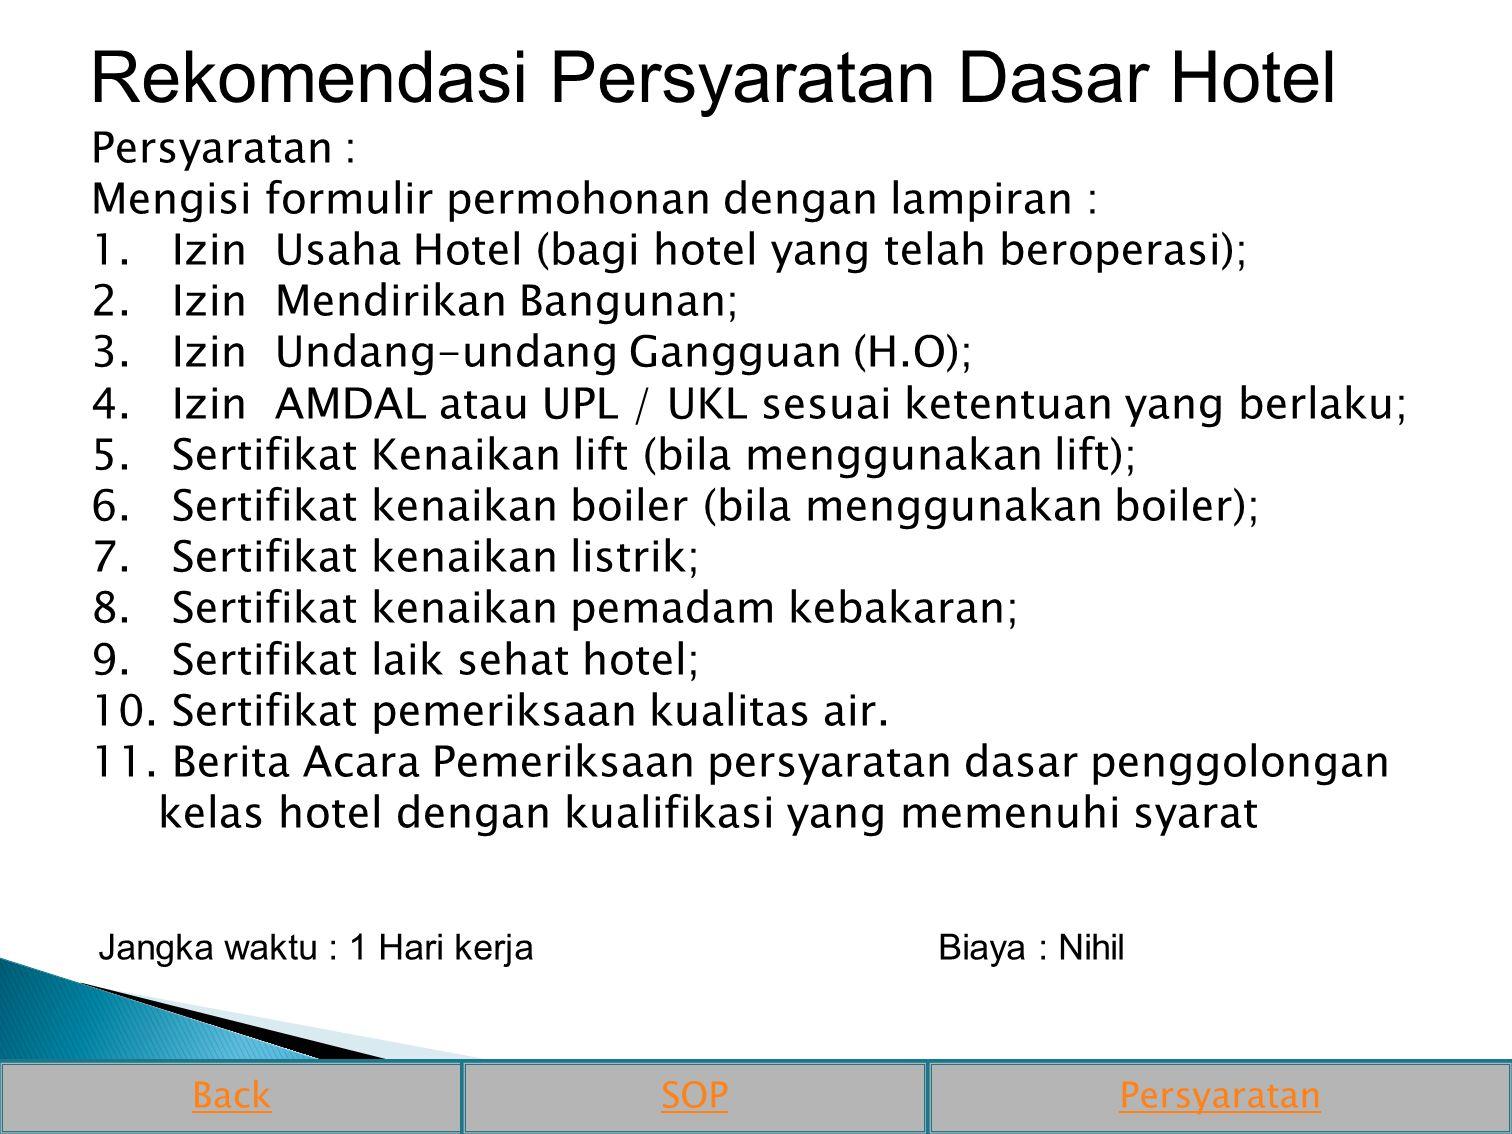 Rekomendasi Persyaratan Dasar Hotel